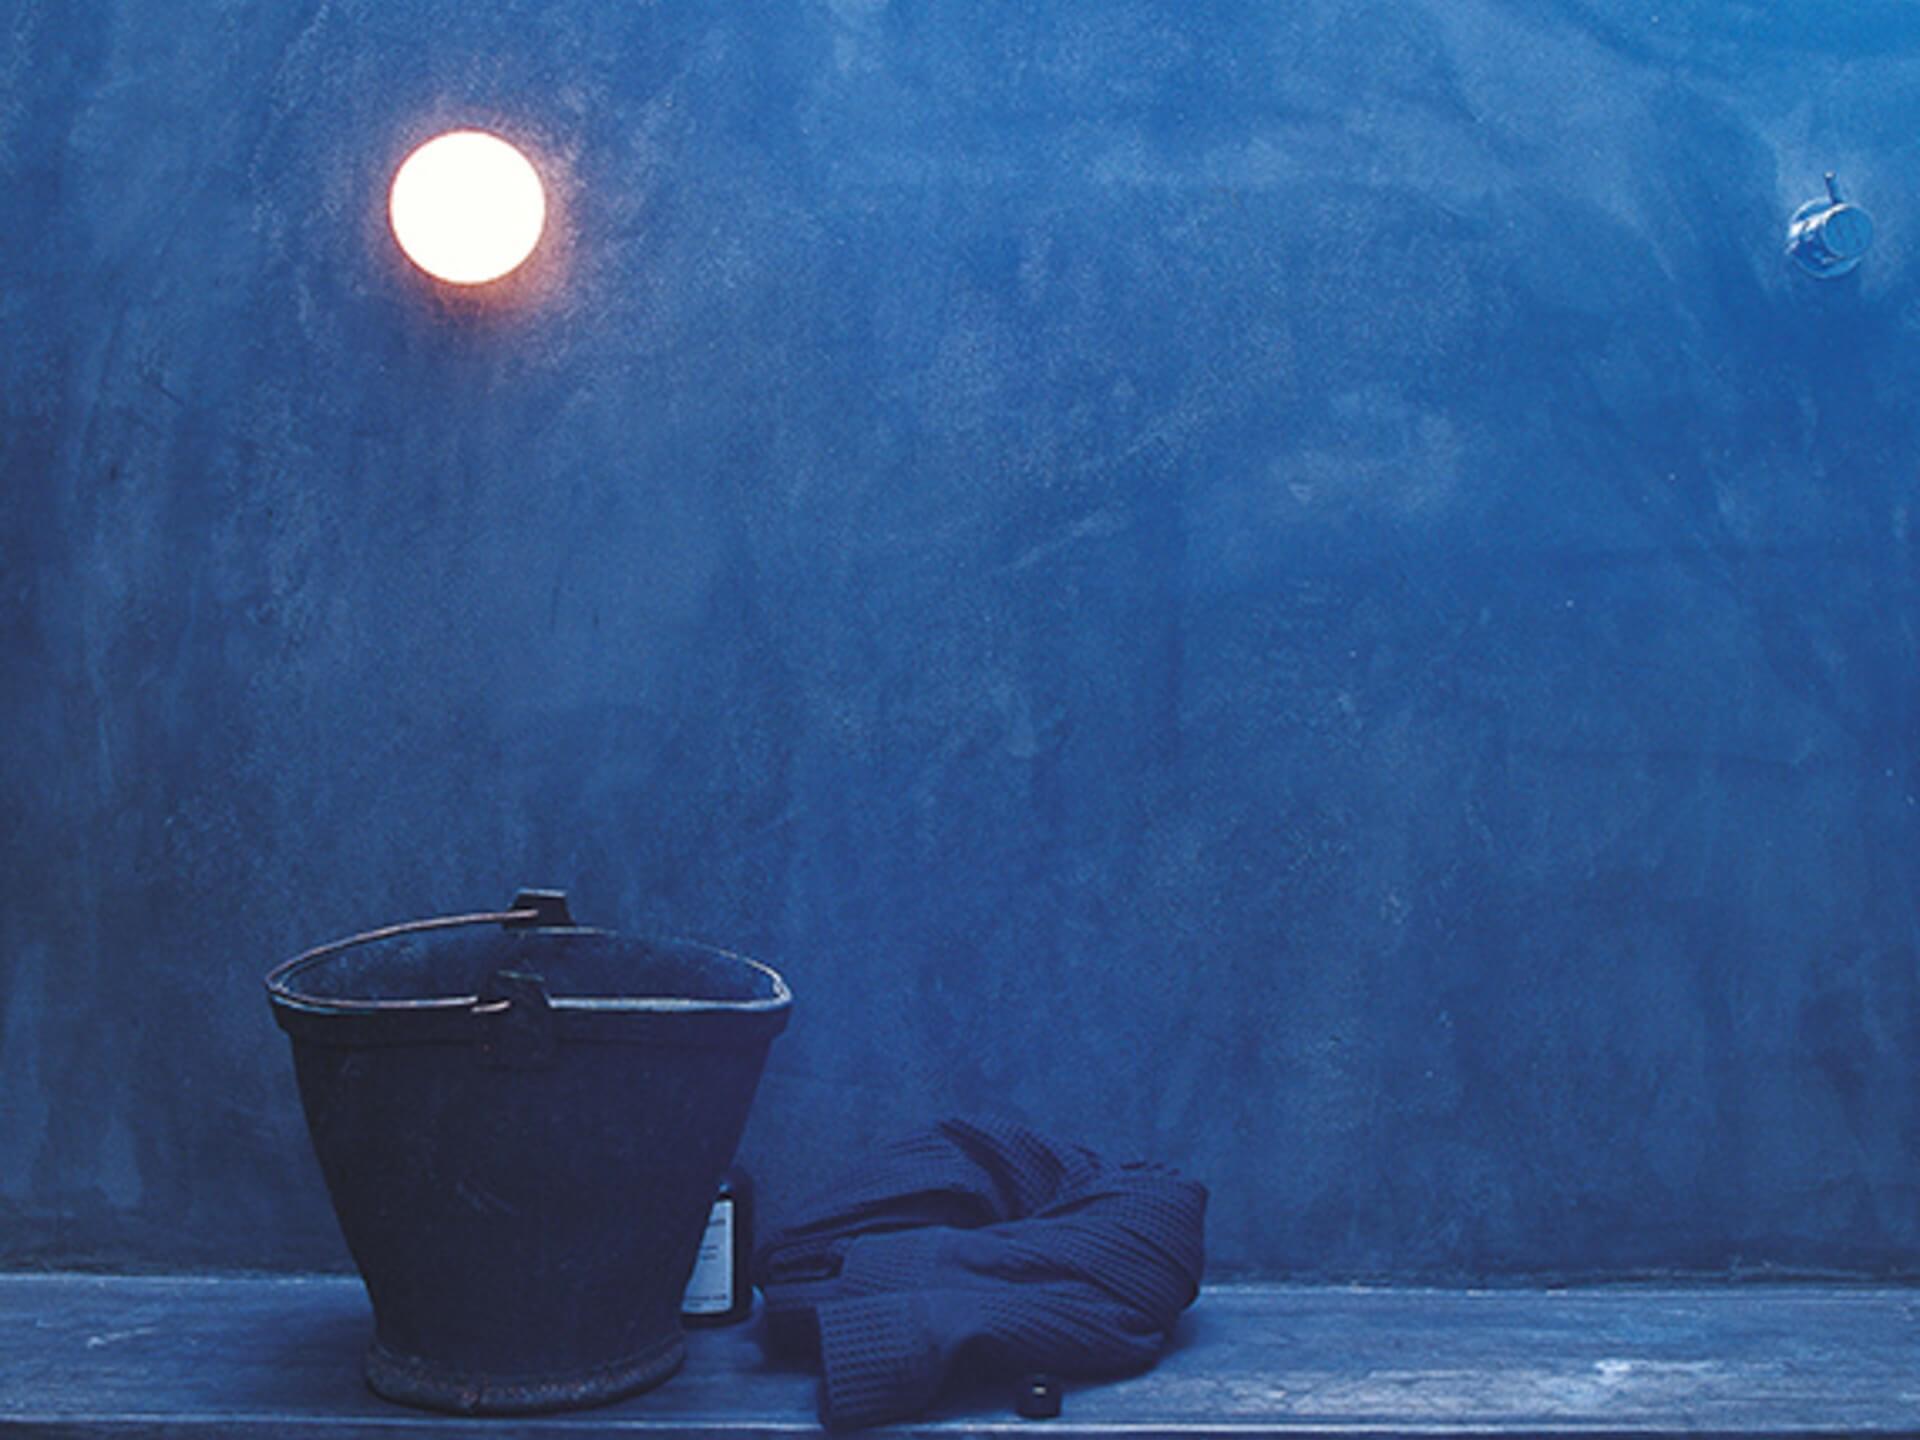 Miljøbilde vegglampe til bad. Glo ball mini fra Flos. Blått bad med lampe på vegg.